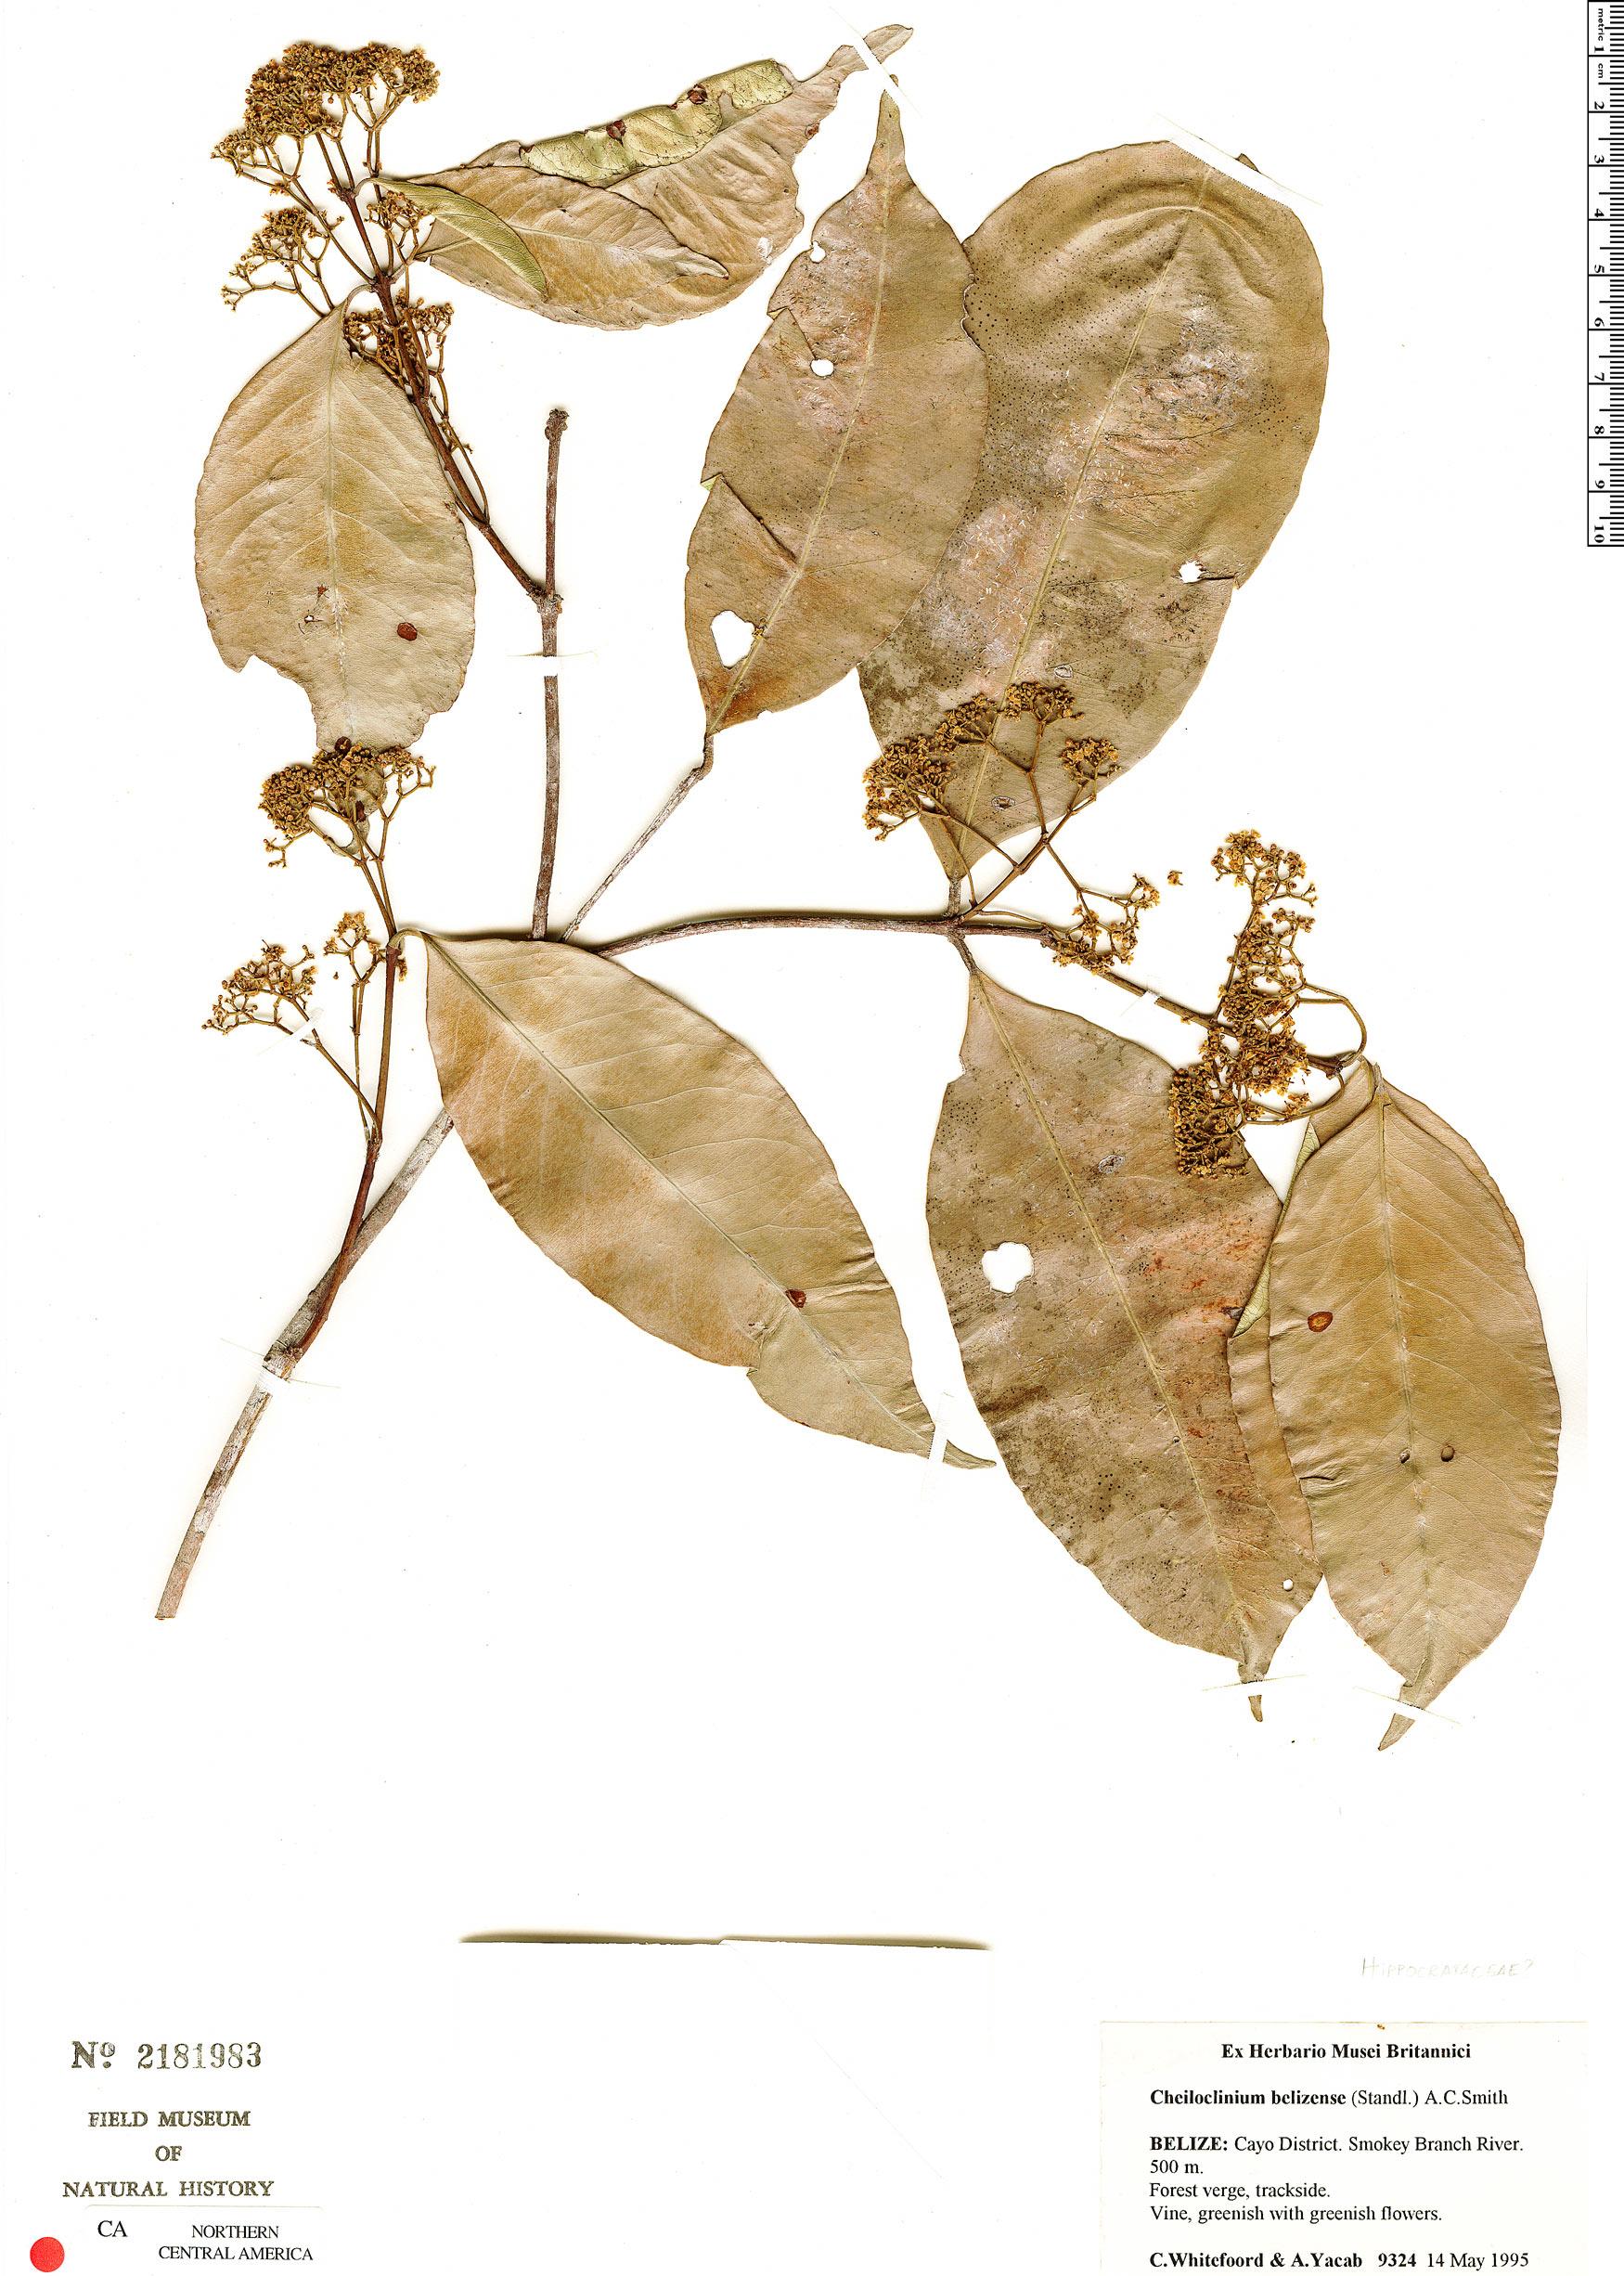 Cheiloclinium belizense image